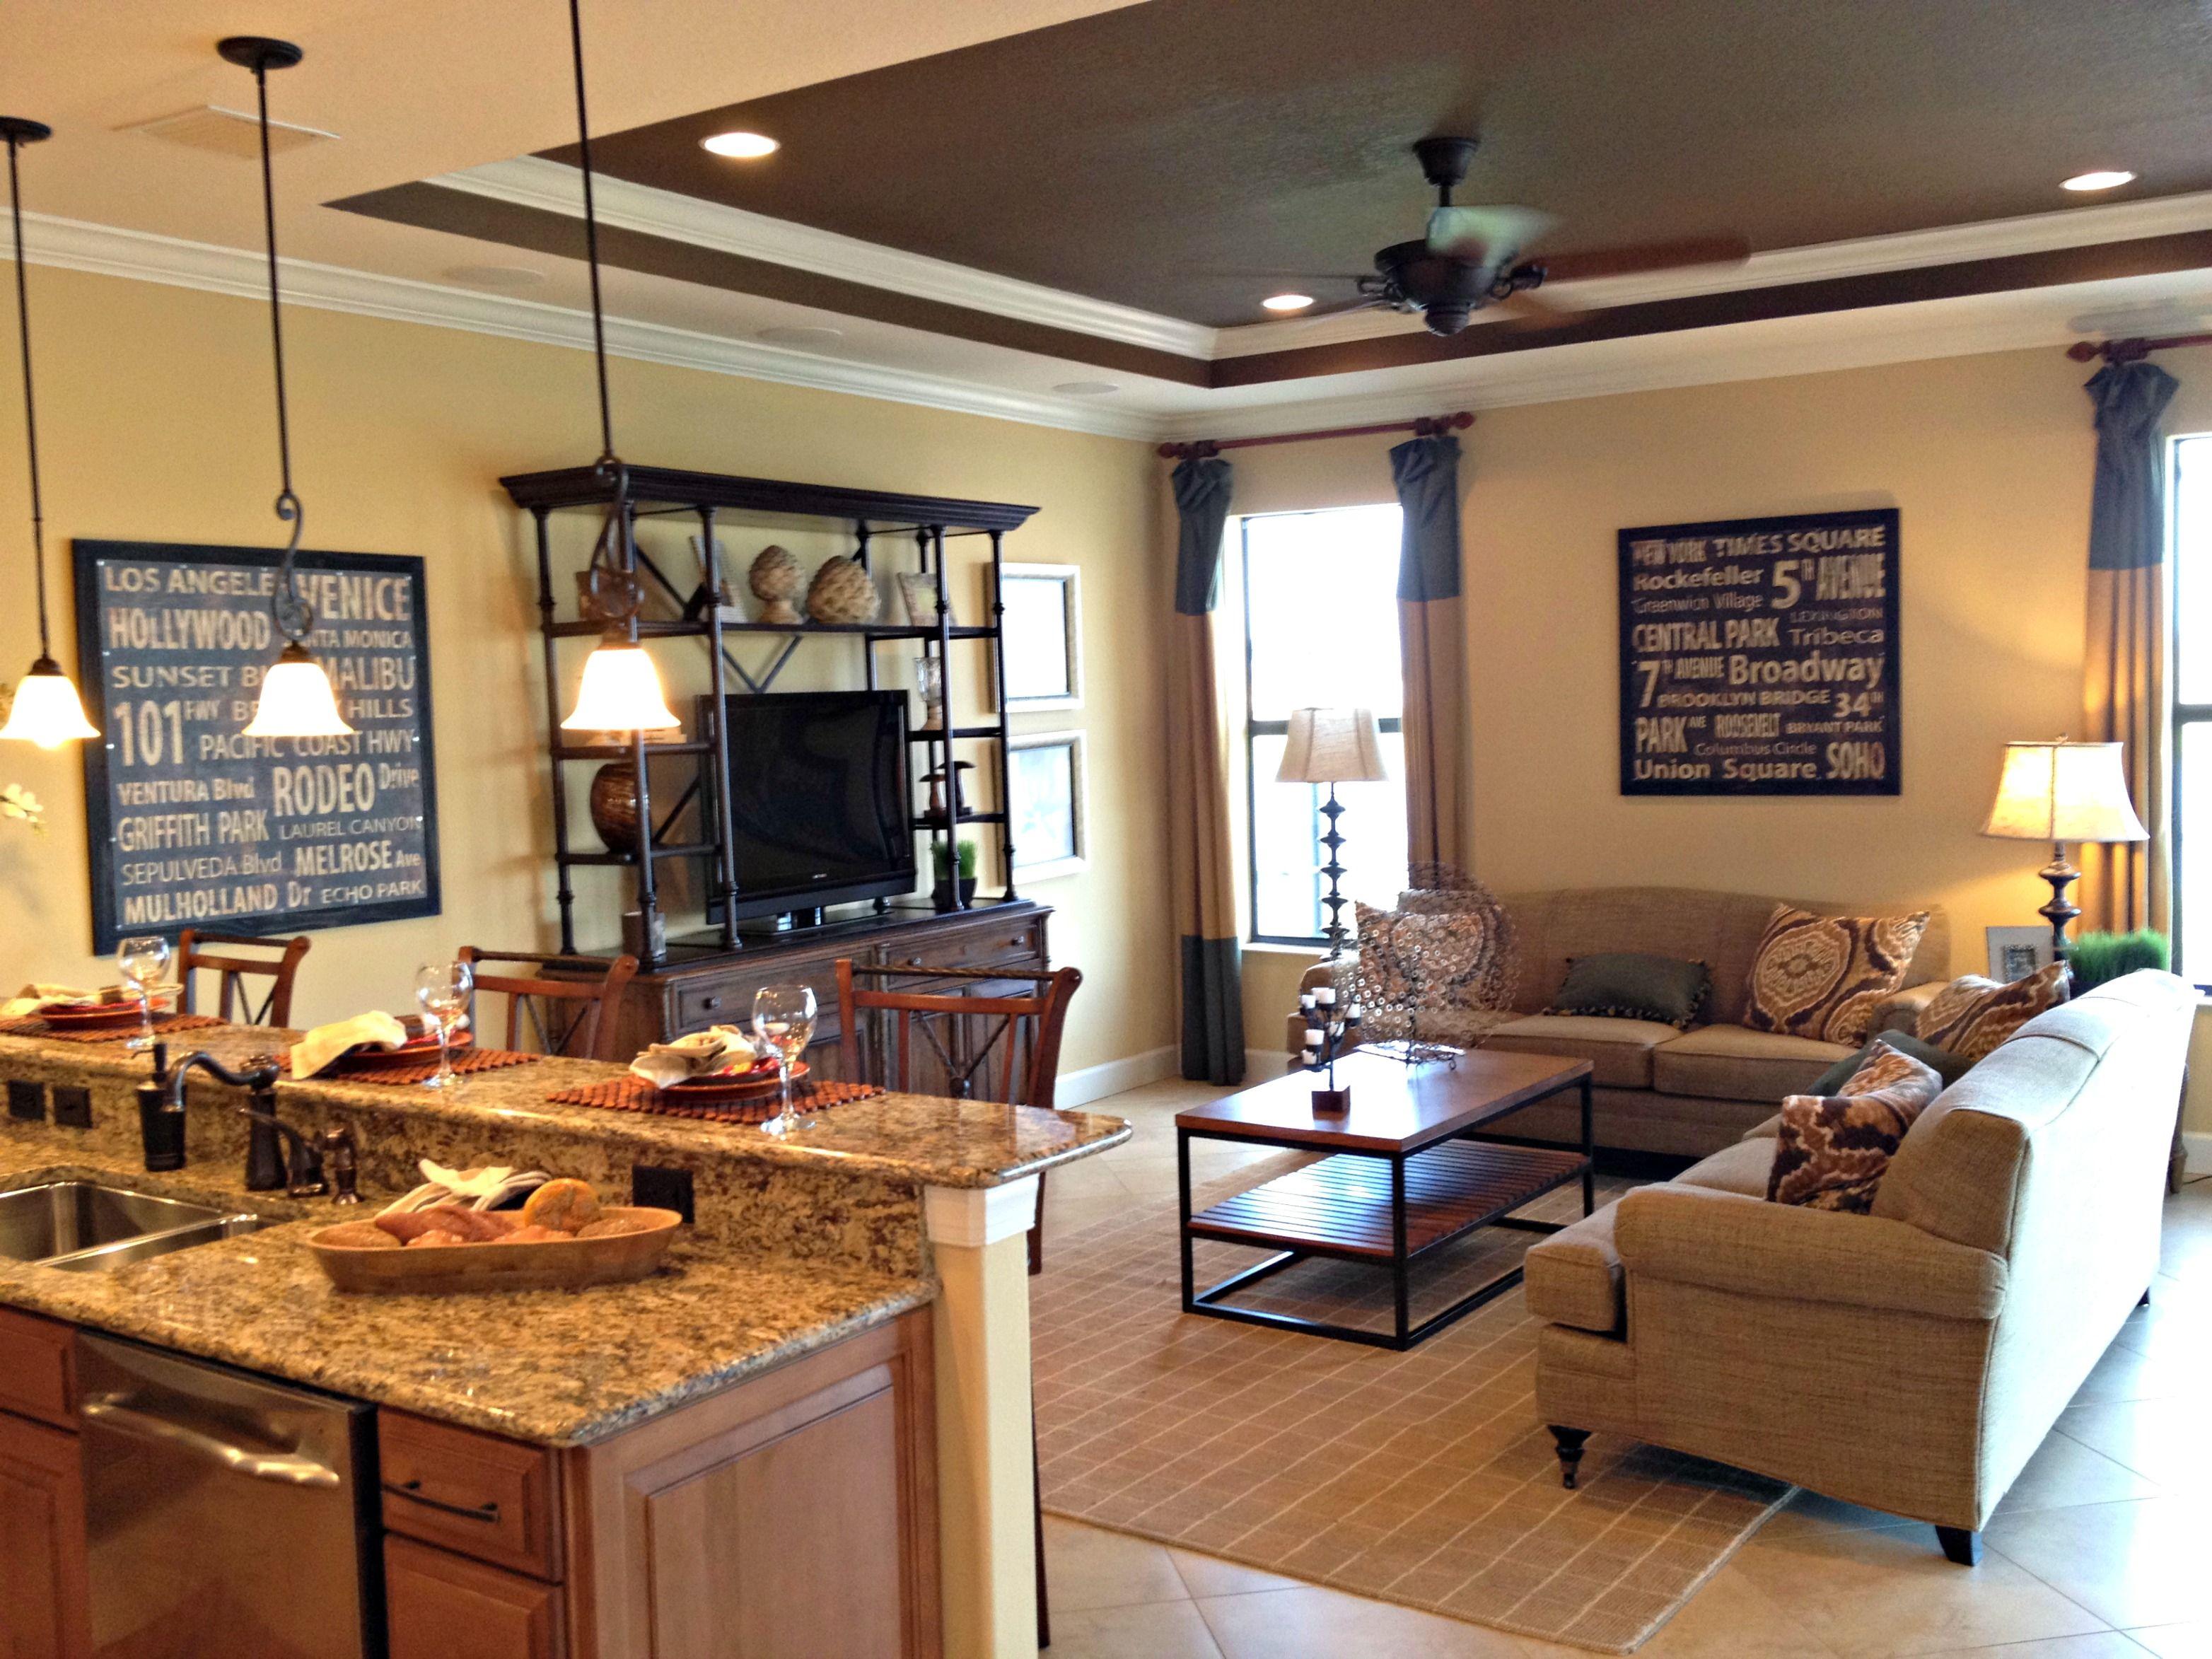 interior design ideas kitchen family room | kitchen interior design